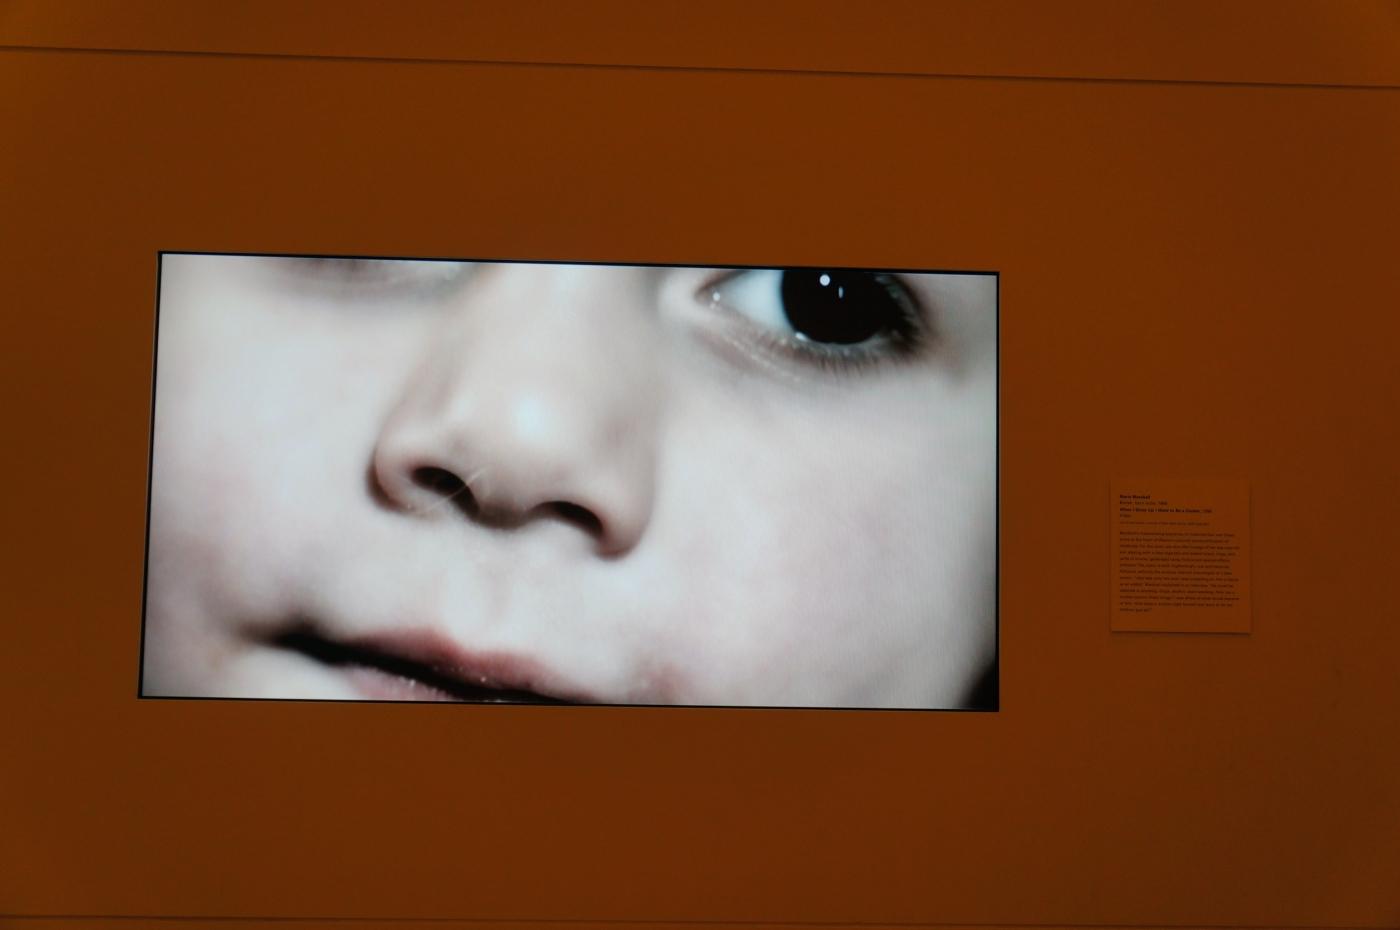 [jiejoy]大都会博物馆---吸烟的小孩_图1-7